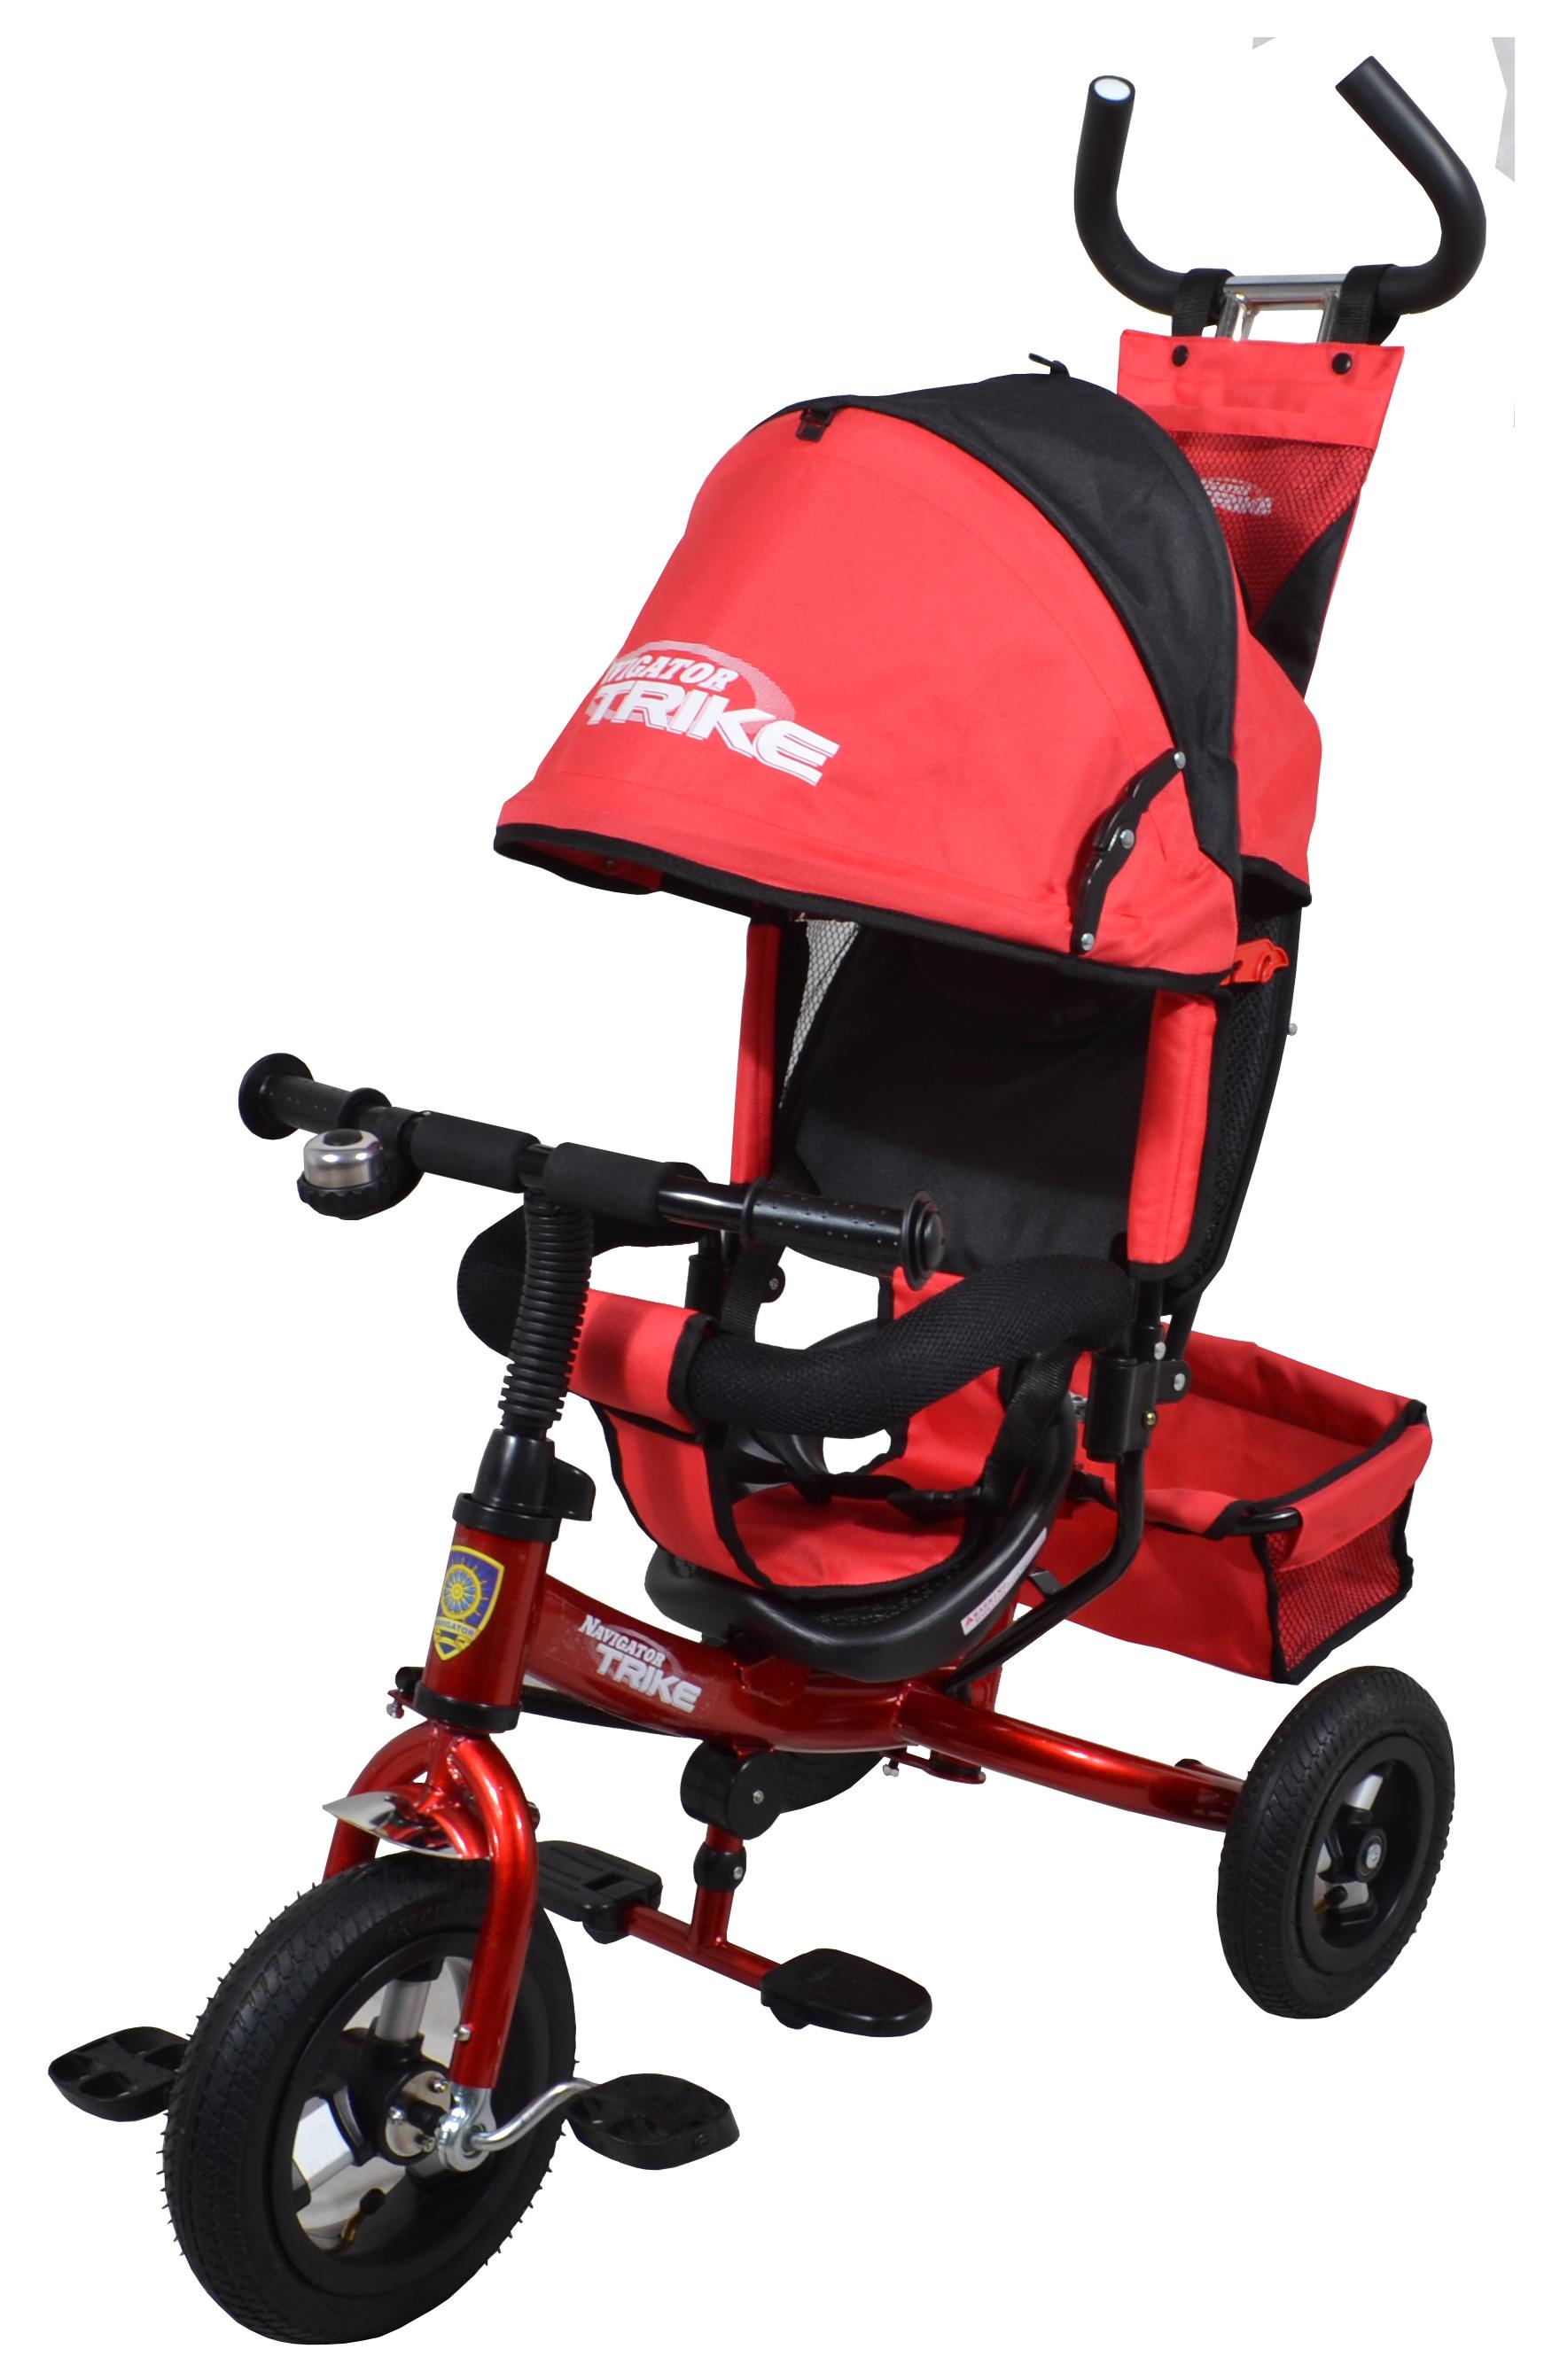 Navigator Трехколесный велосипед Lexus красный черныйТ57600Популярная модель детского трехколесного велосипеда с ярким дизайном мальчиков для девочек. Велосипед снабжен ручкой управления для родителей.